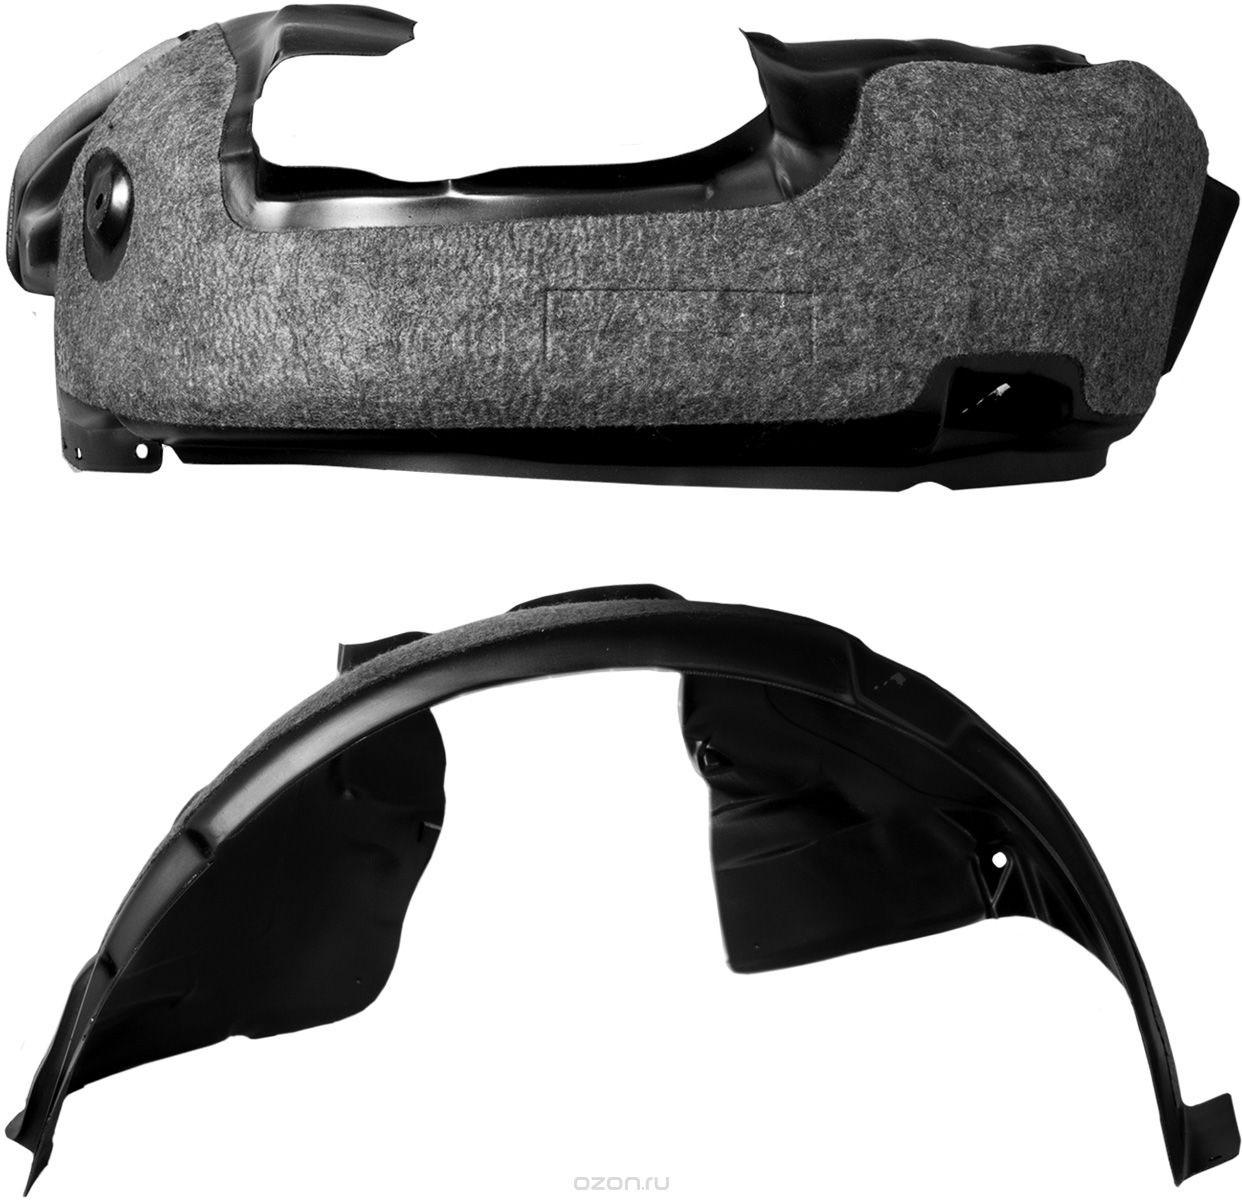 Подкрылок Novline-Autofamily с шумоизоляцией, для Renault Sandero Stepway, 11/2014->, хэтчбек, передний левыйNLS.41.36.001Идеальная защита колесной ниши. Локеры разработаны с применением цифровых технологий, гарантируют максимальную повторяемость поверхности арки. Изделия устанавливаются без нарушения лакокрасочного покрытия автомобиля, каждый подкрылок комплектуется крепежом. Уважаемые клиенты, обращаем ваше внимание, что фотографии на подкрылки универсальные и не отражают реальную форму изделия. При этом само изделие идет точно под размер указанного автомобиля.